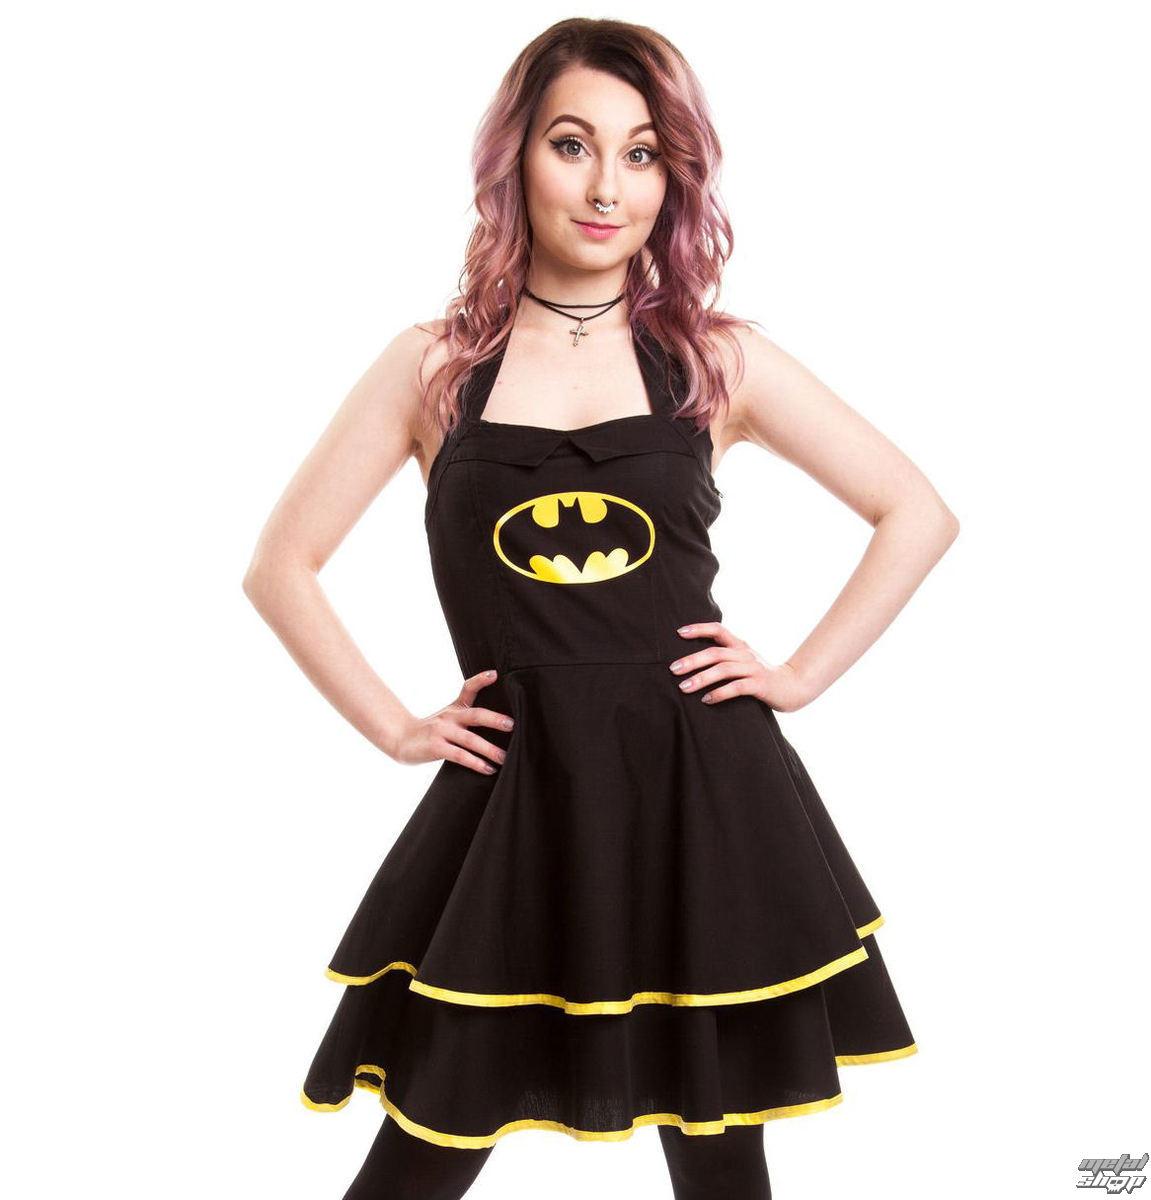 šaty dámske BATMAN - Batman Cape - Black - POI093